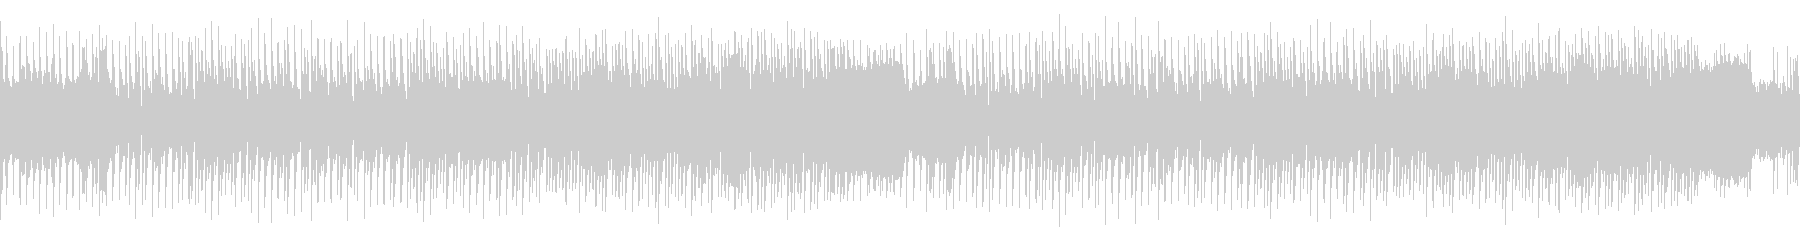 ループ・レトロゲーム風クールな感じの曲の未再生の波形